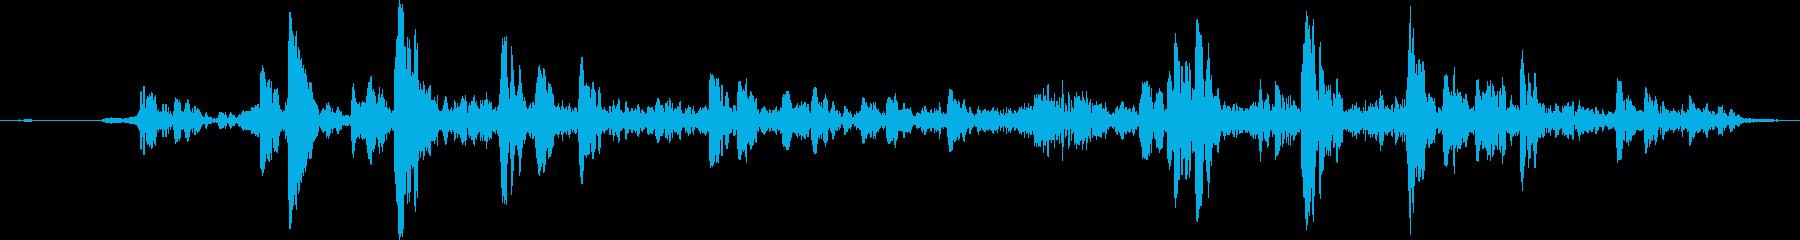 【ゲーム】海に潜るときの音/コポコポの再生済みの波形